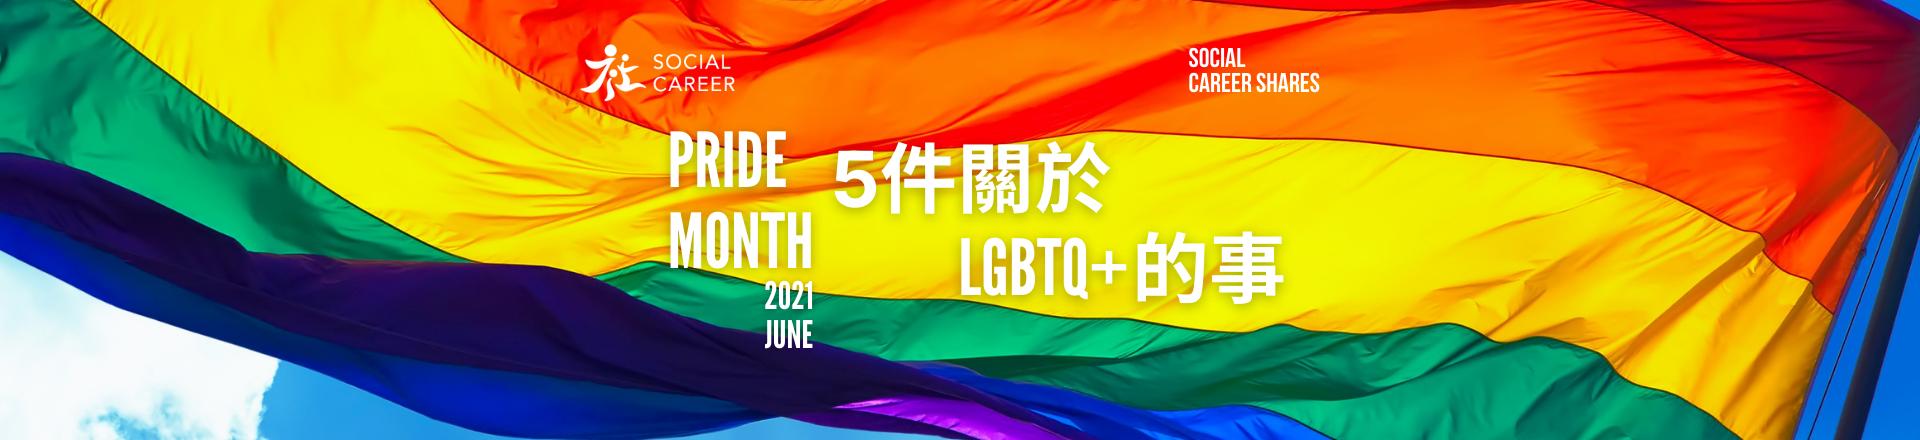 5件關於LGBTQ+的事 2021 Pride Month 628 Pride Day